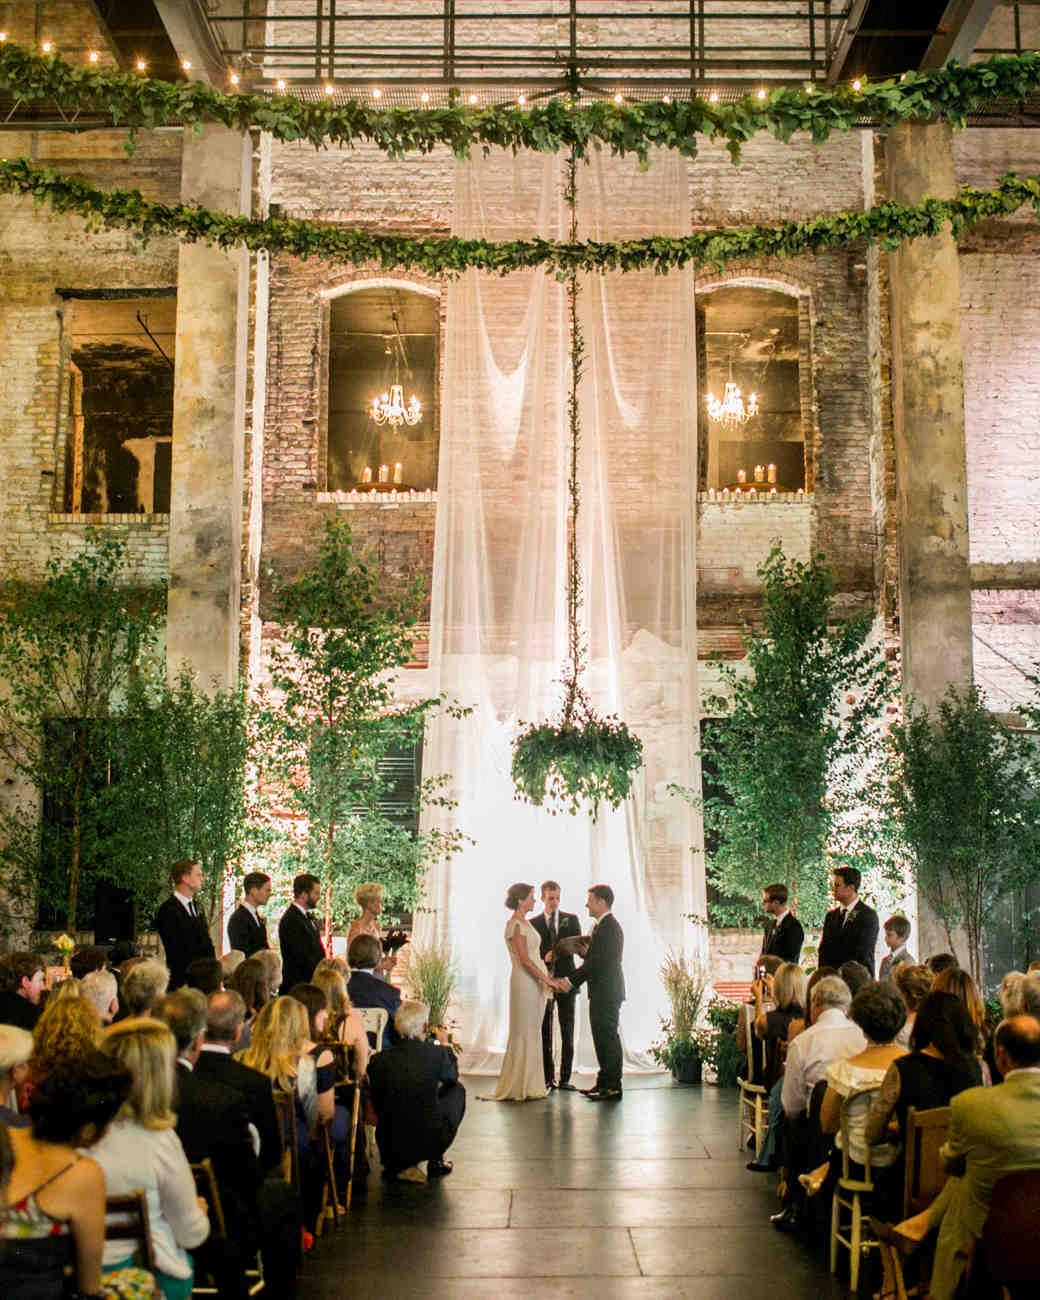 Beautiful Indoor Wedding Venue